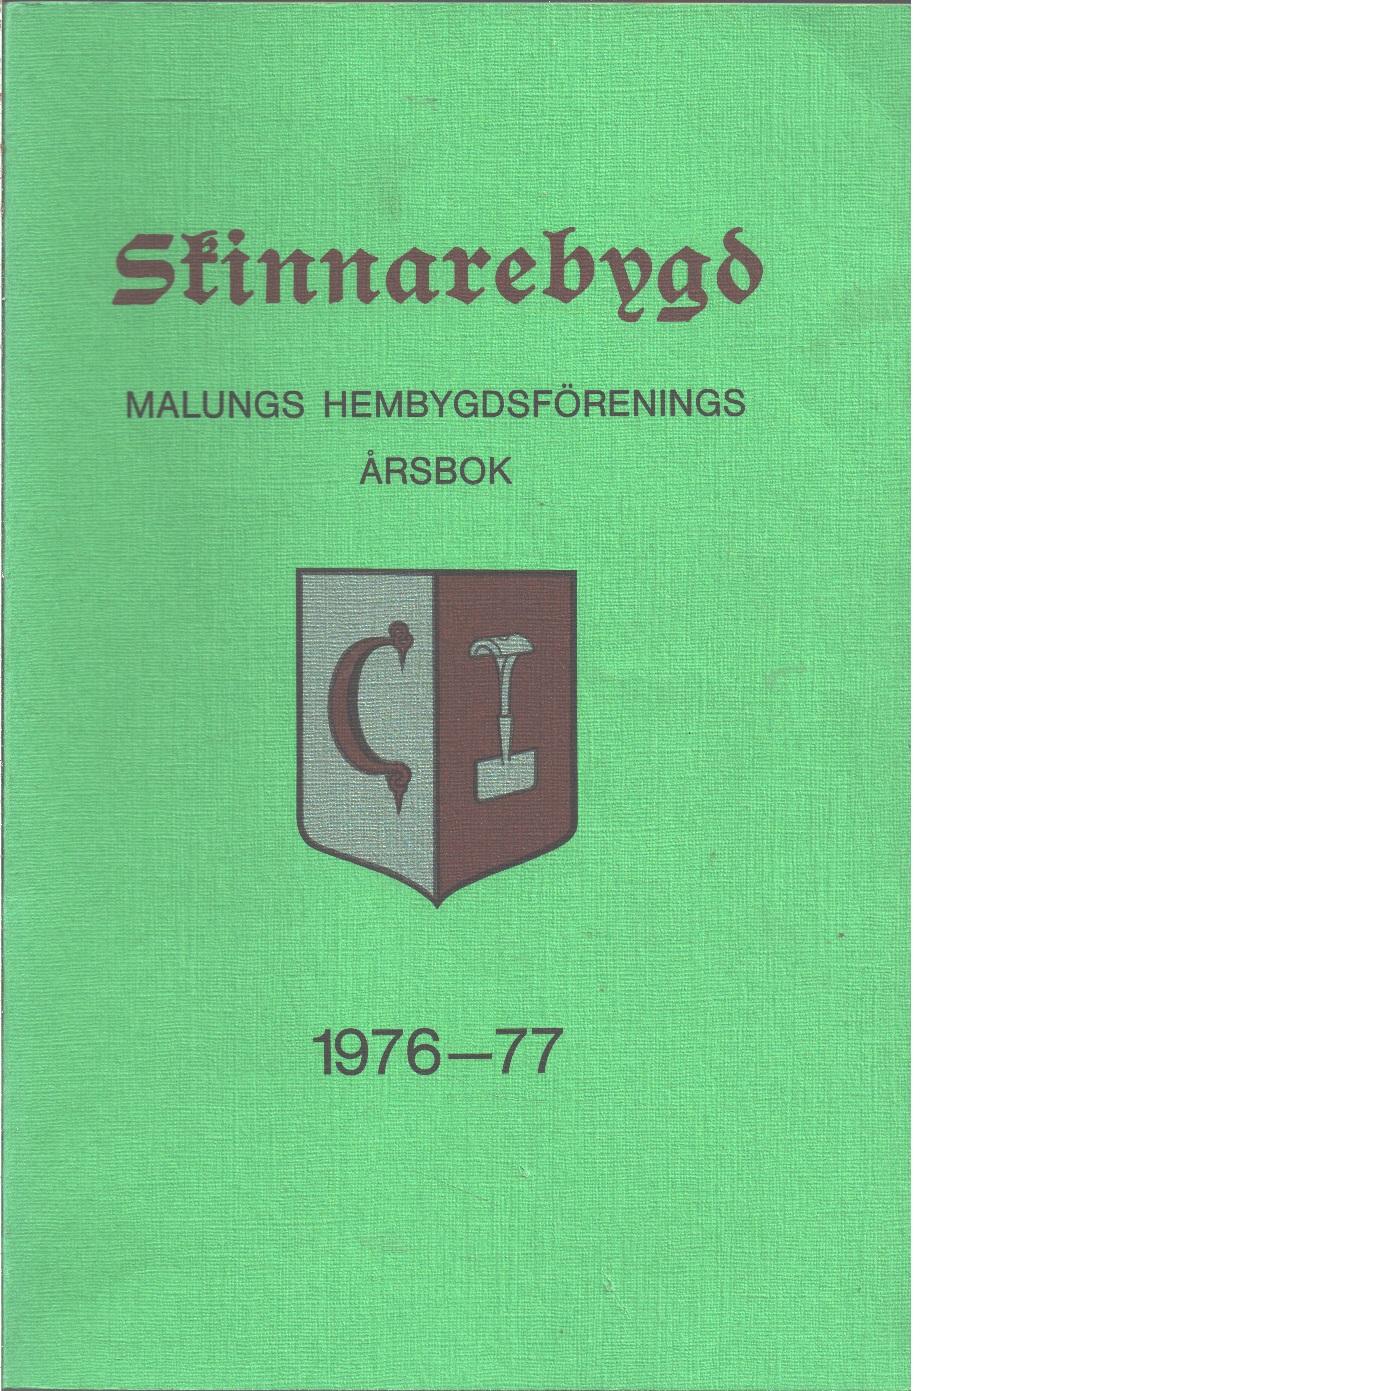 Skinnarebygd : Malungs hembygdsförenings årsbok  1976-77 - Red.